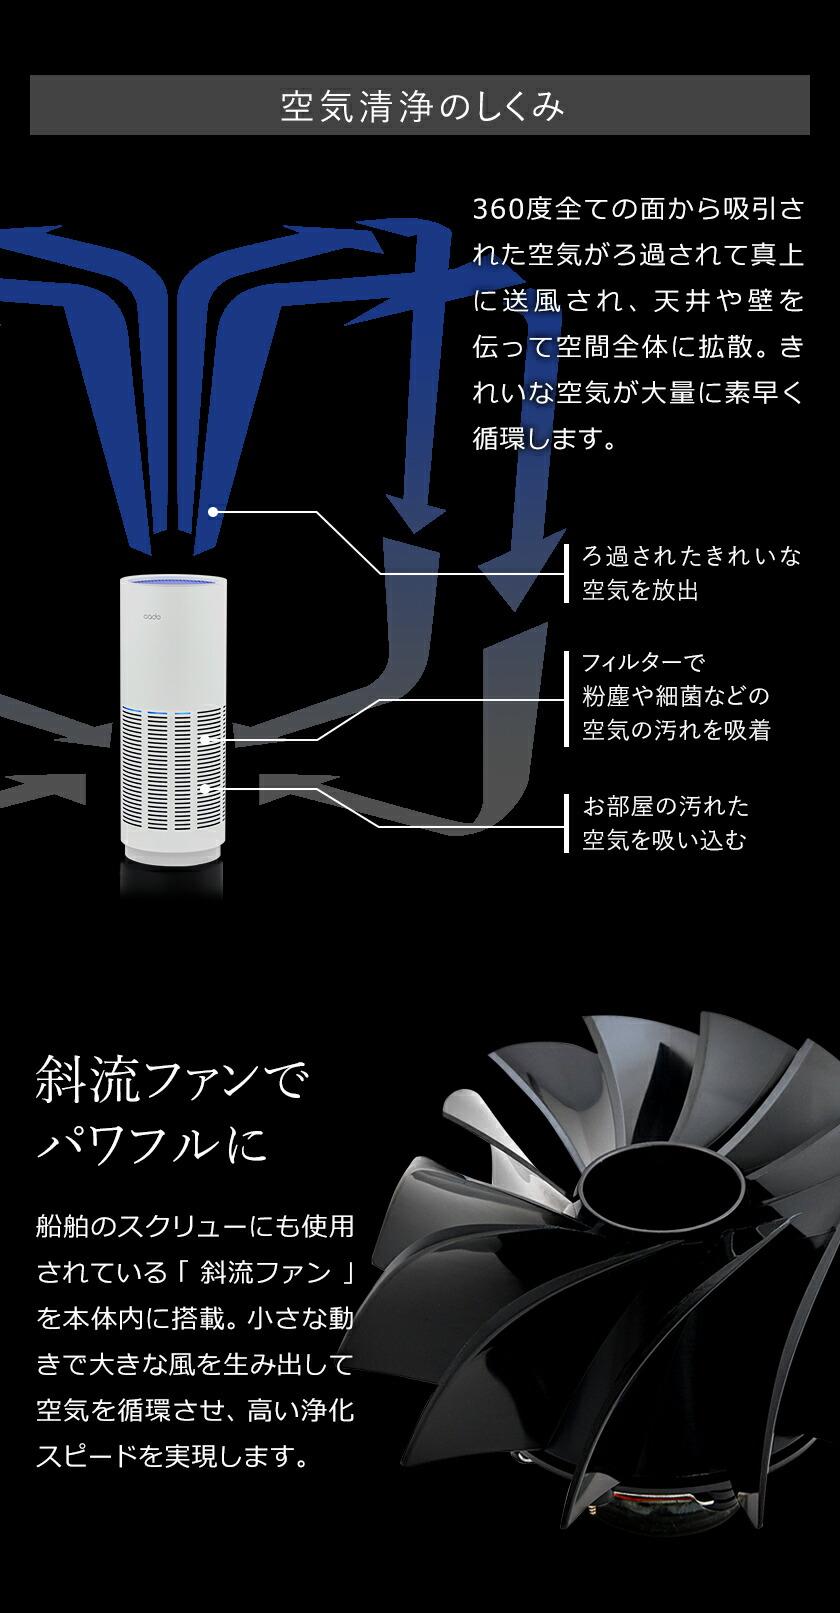 空間全体にろ過した空気を排出するカドーの空気清浄機